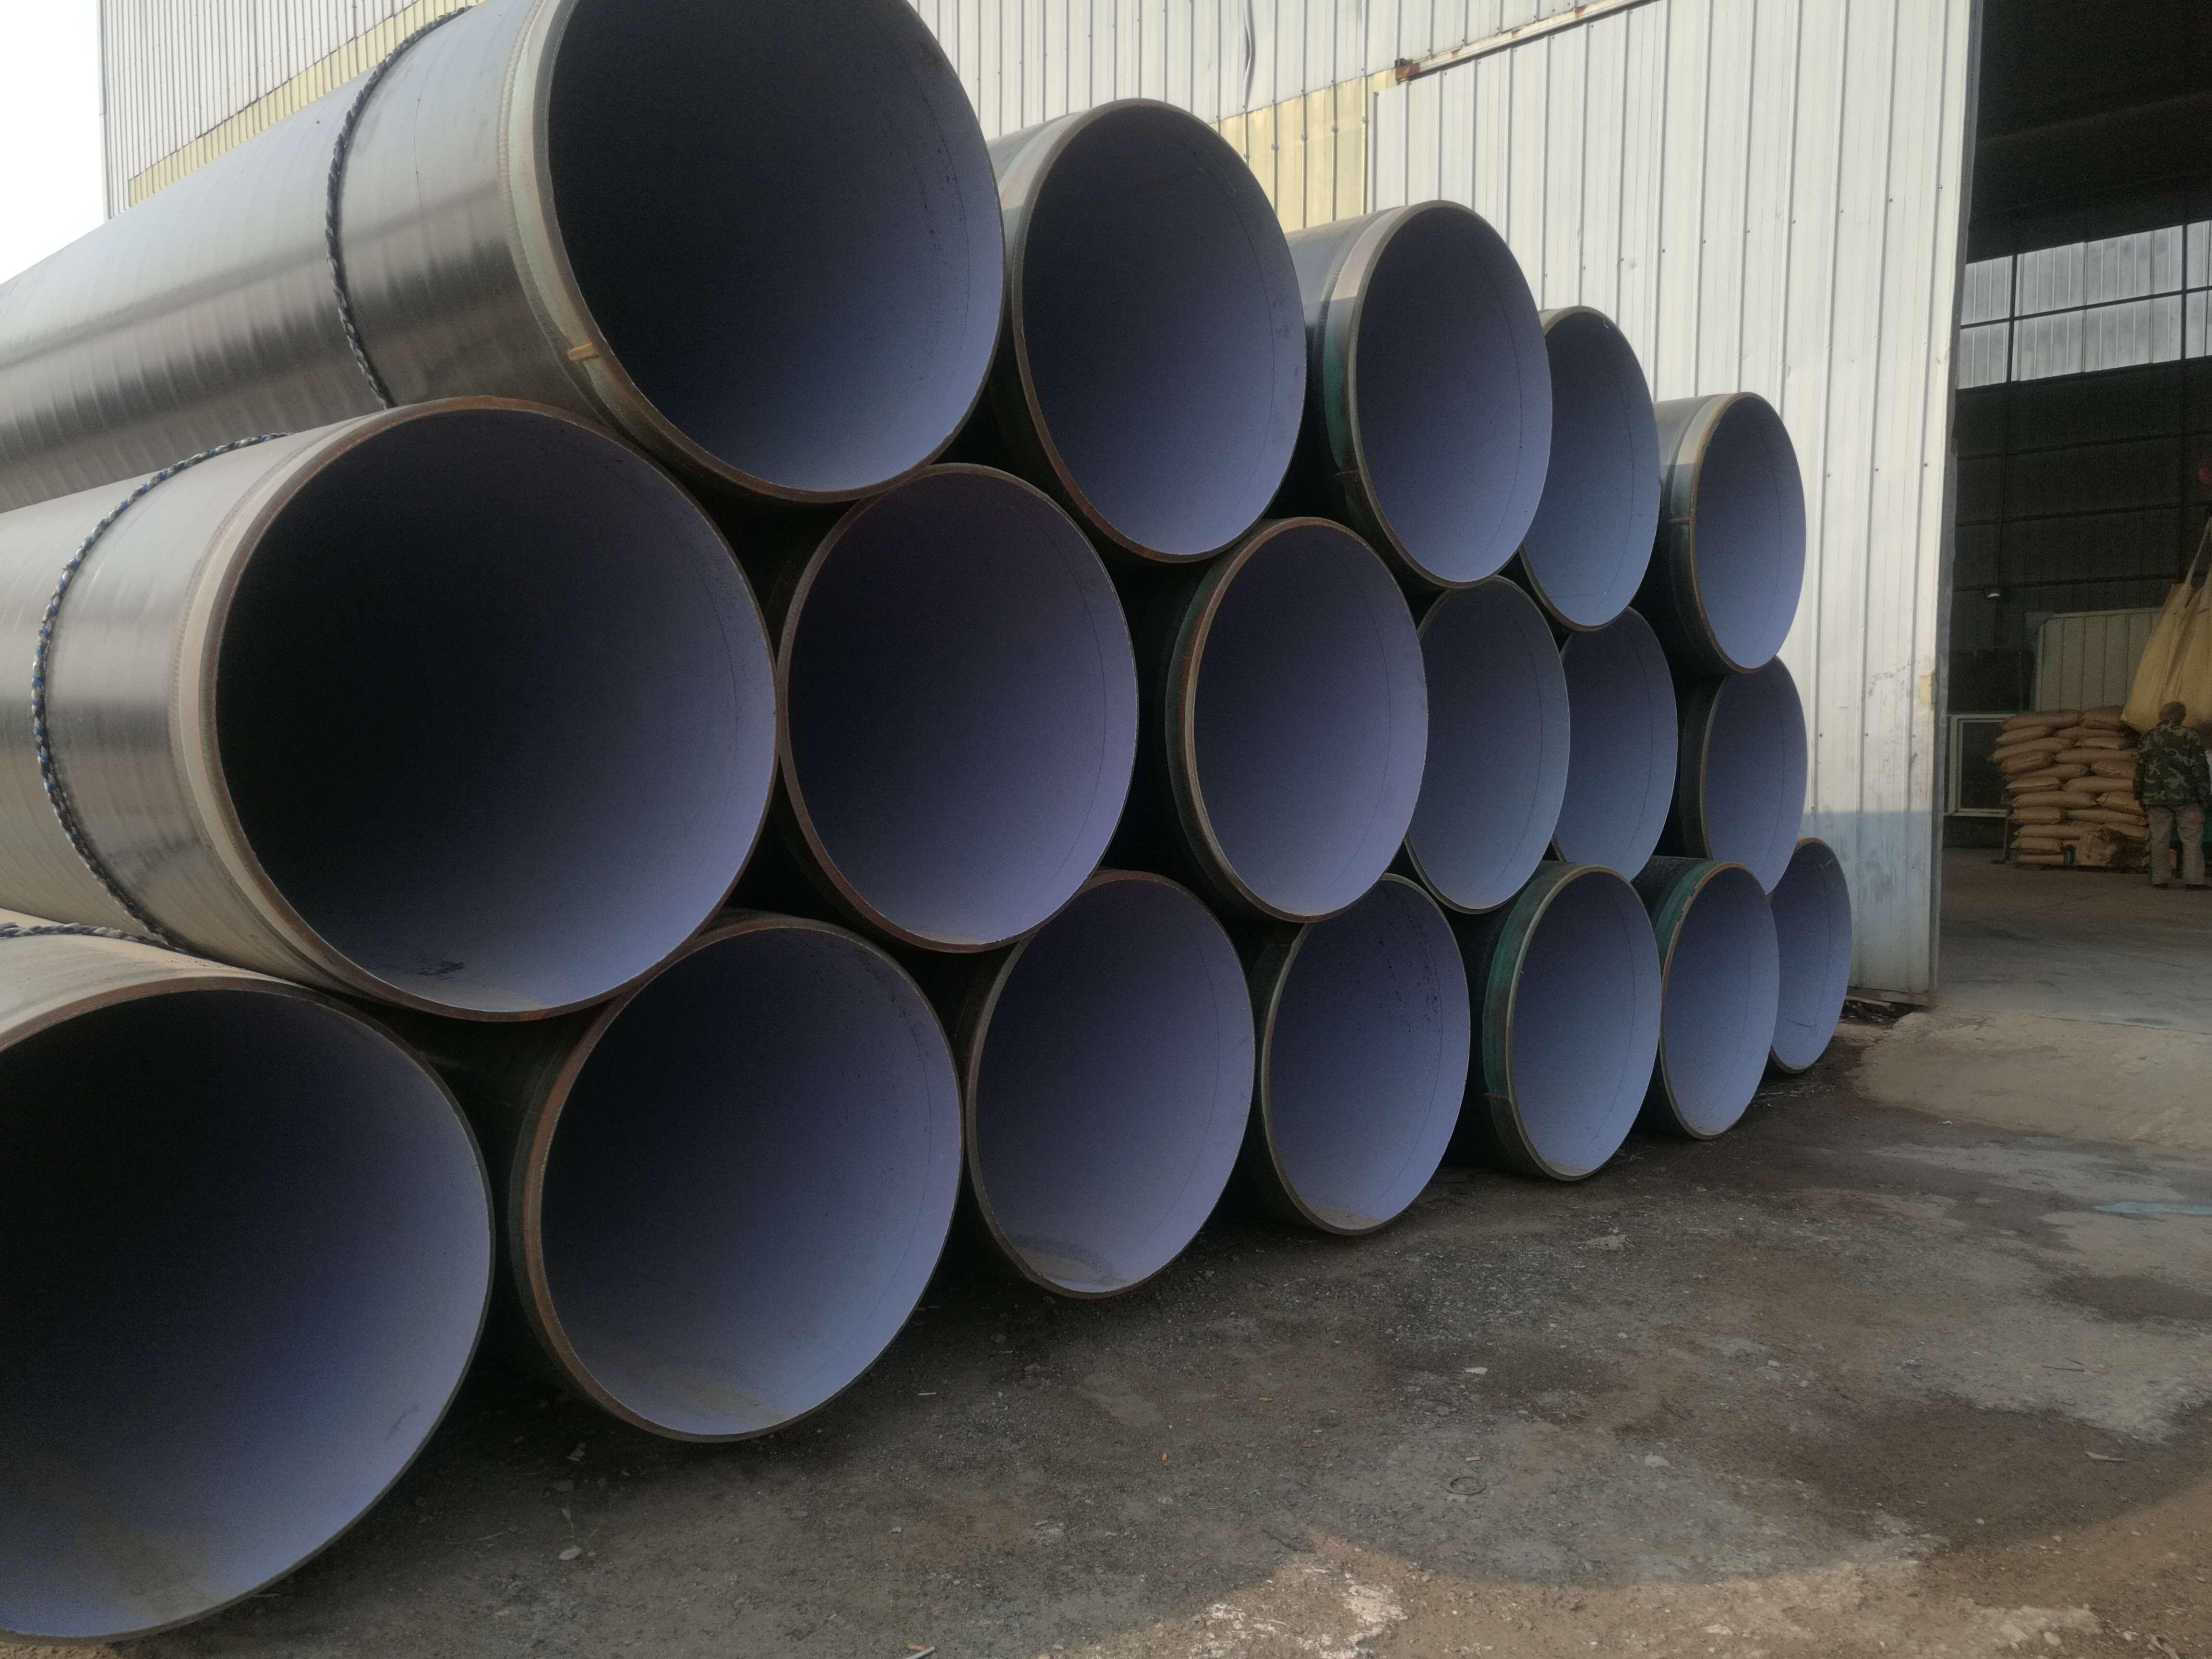 大口径3PE防腐钢管//大口径聚氨酯发泡螺旋钢管//外环氧煤沥青内水泥砂浆防腐钢管// 大口径3PE防腐钢管